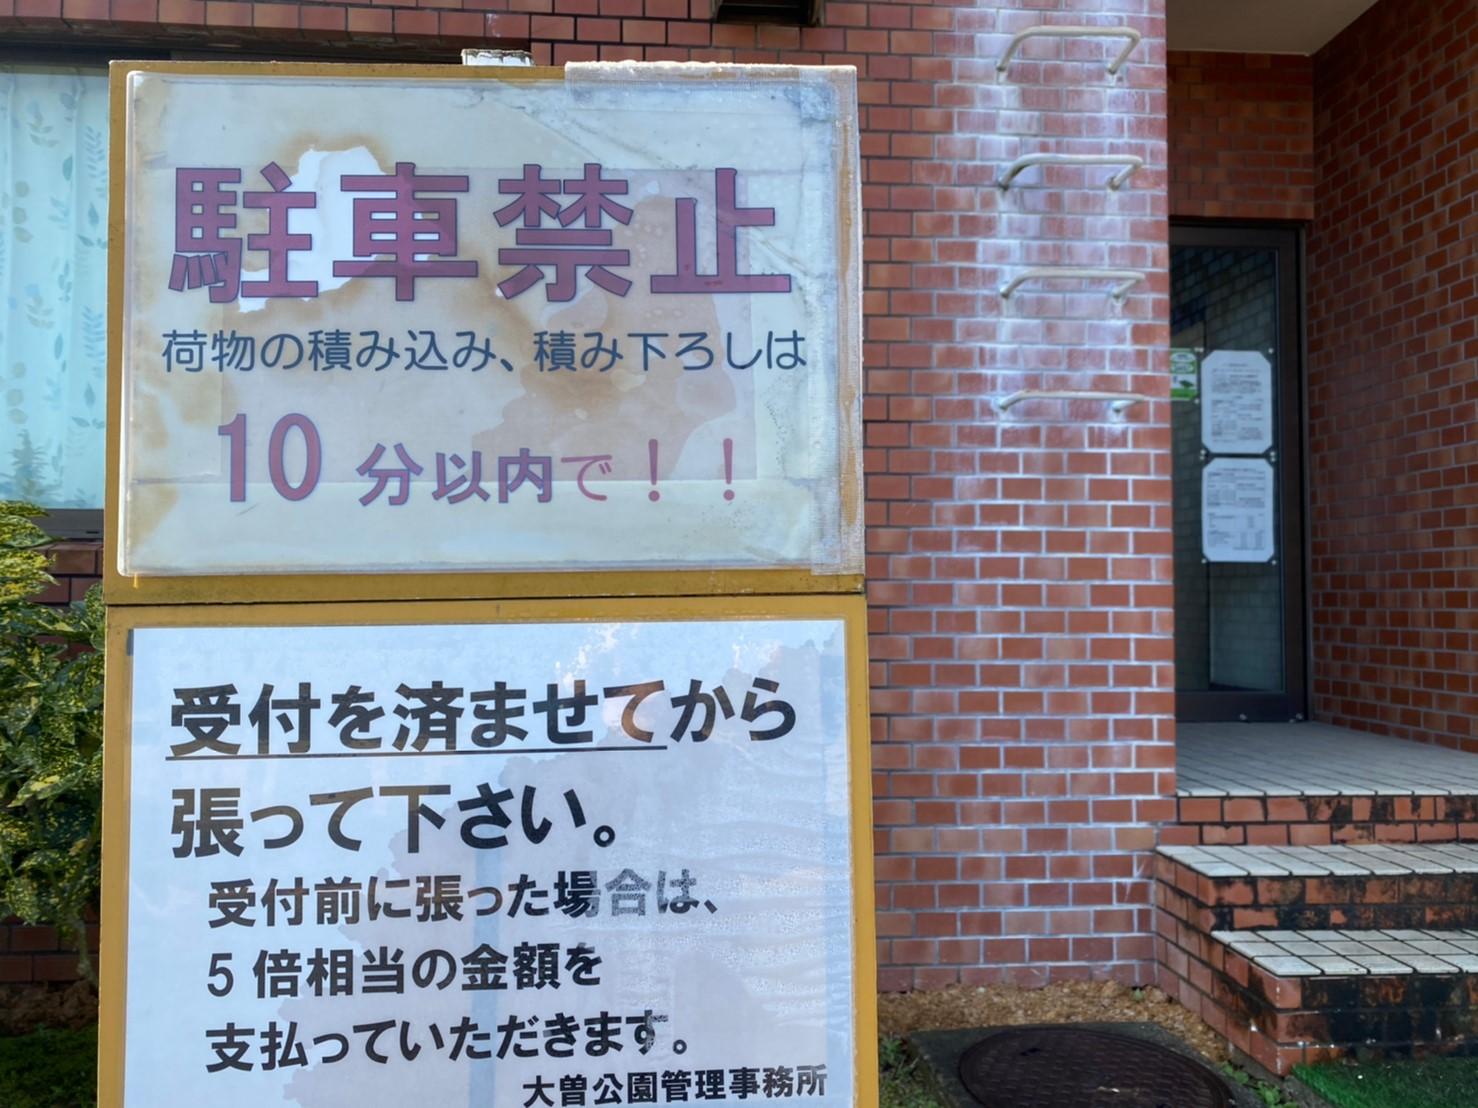 【静かでお手頃!愛知県】『大曽公園キャンプ場』の情報まとめ(駐車場・トイレ)